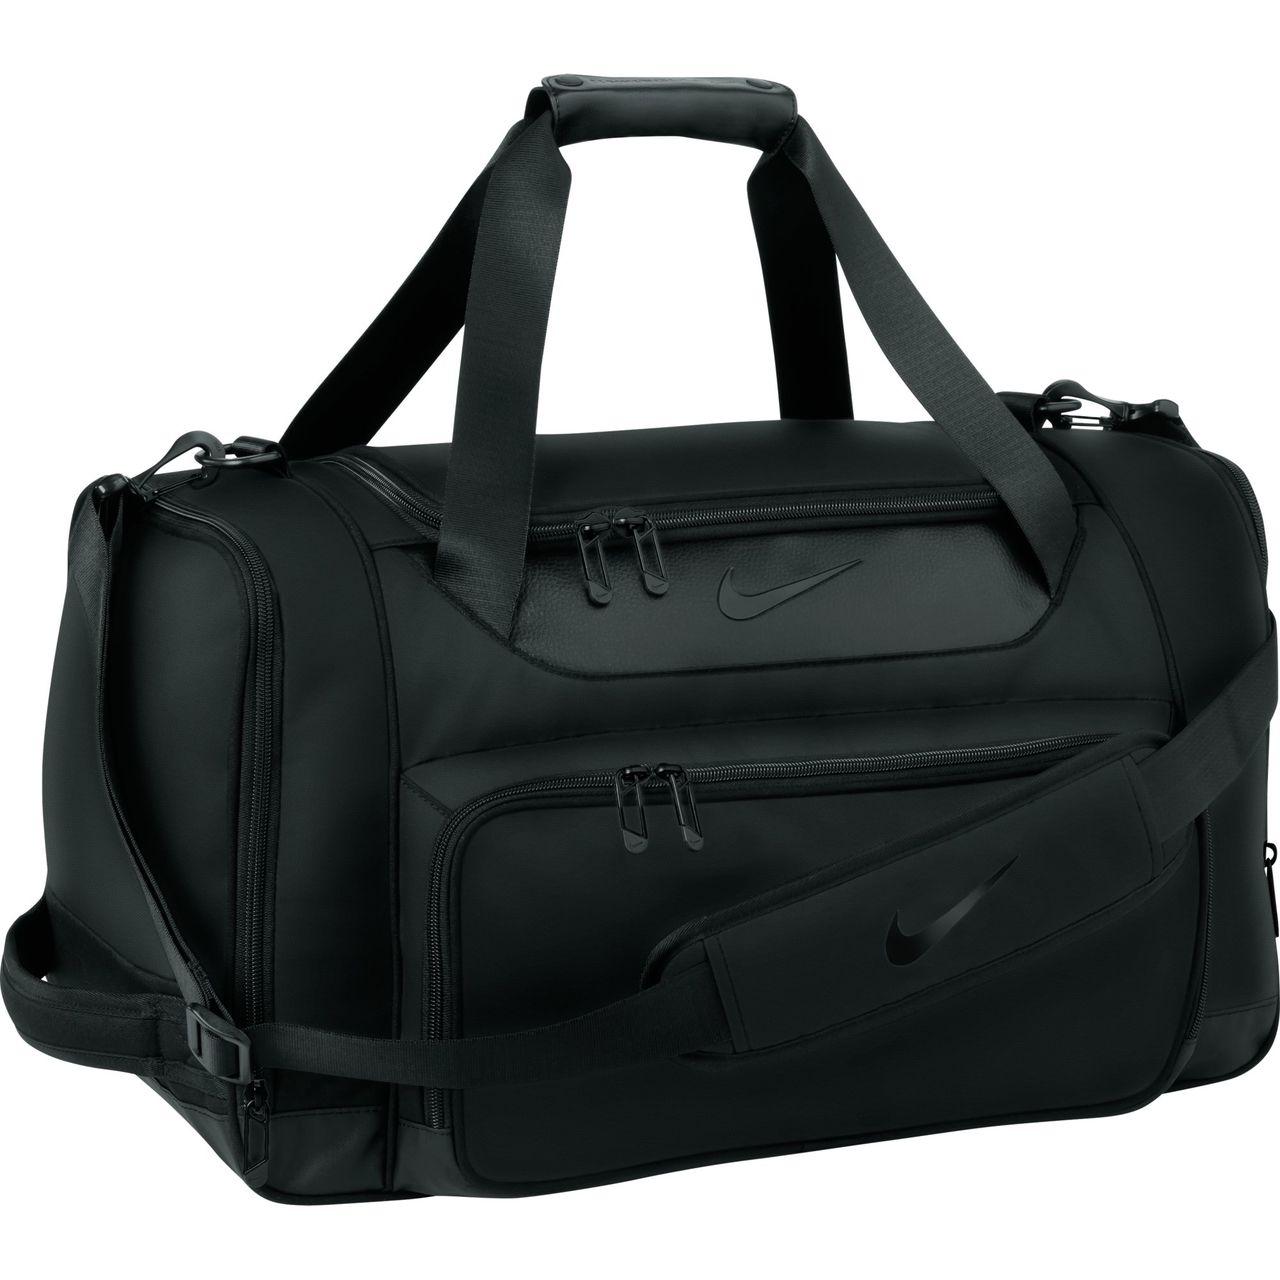 82096087a0 Nike Departure III Golf Duffle Bag